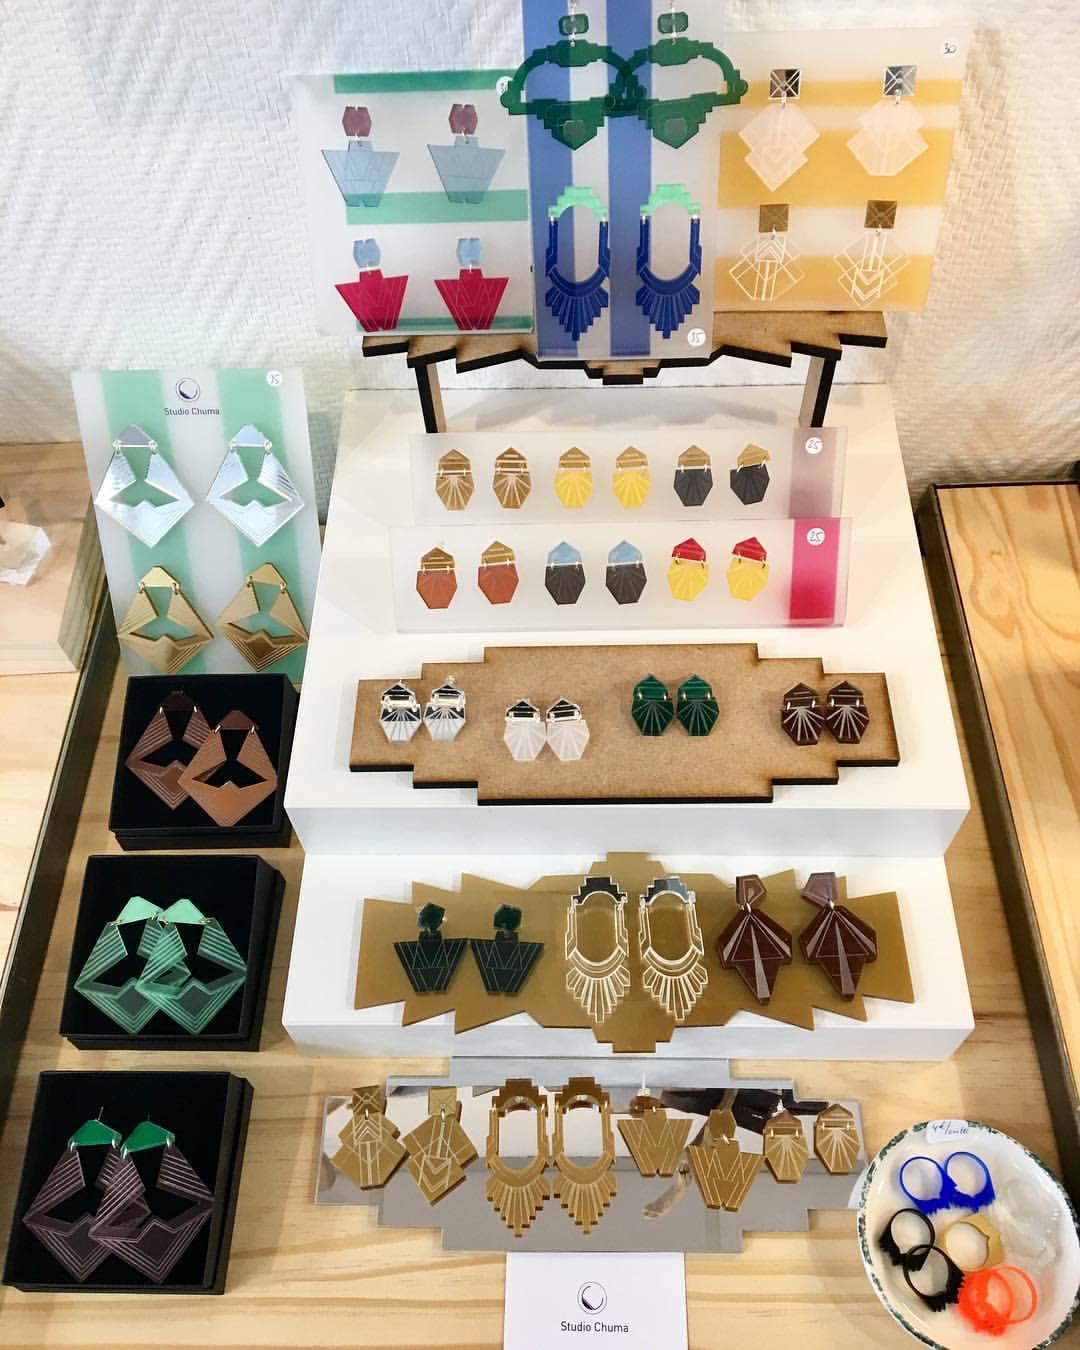 Photographie d'assortiment de boucles d'oreilles du studio Chuma